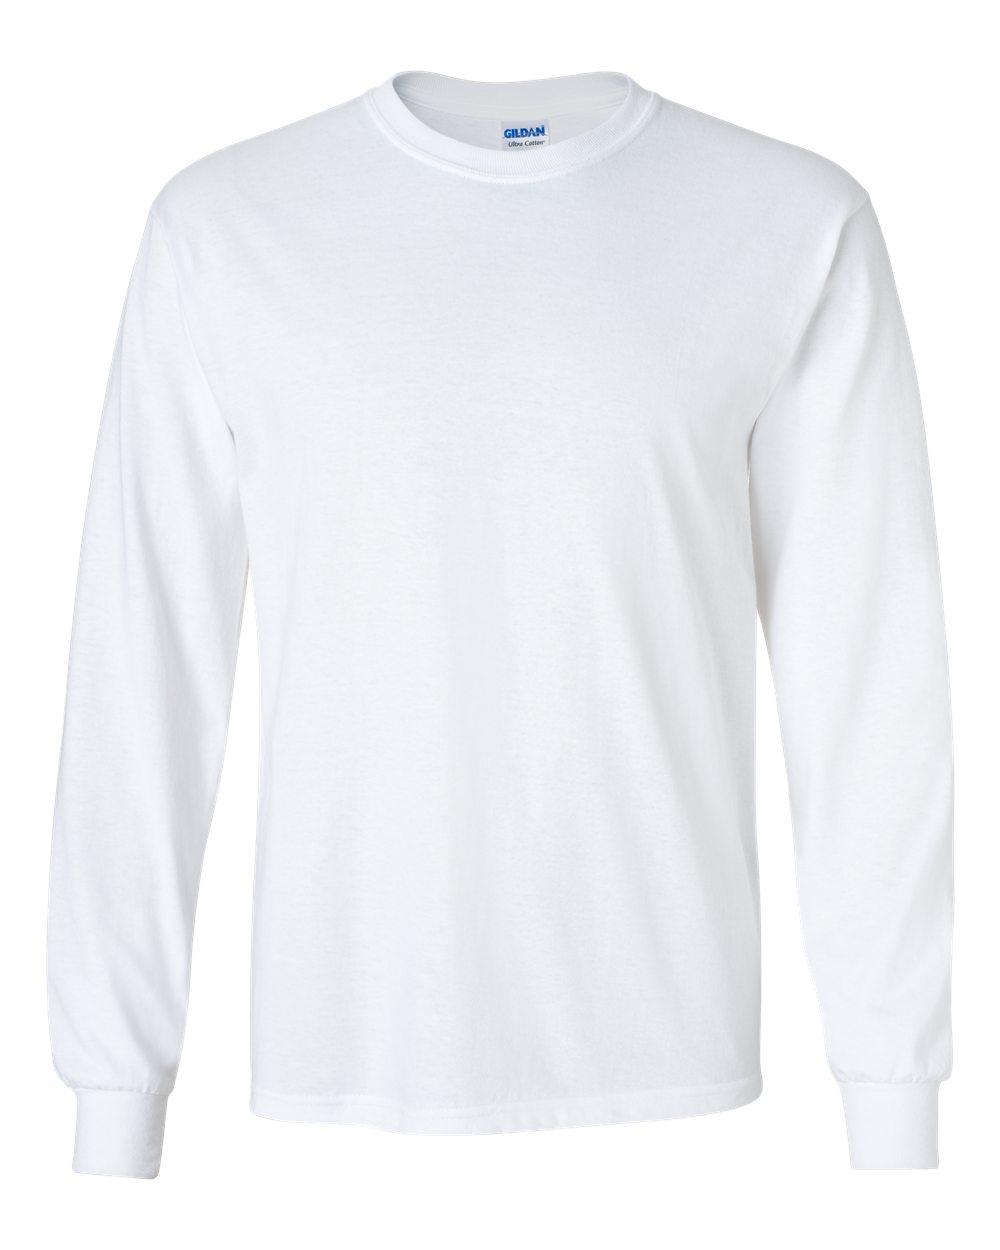 long sleeve t shirts gildan 2400 - ultra cotton™ long sleeve t-shirt | wordans.com DAIAWJV